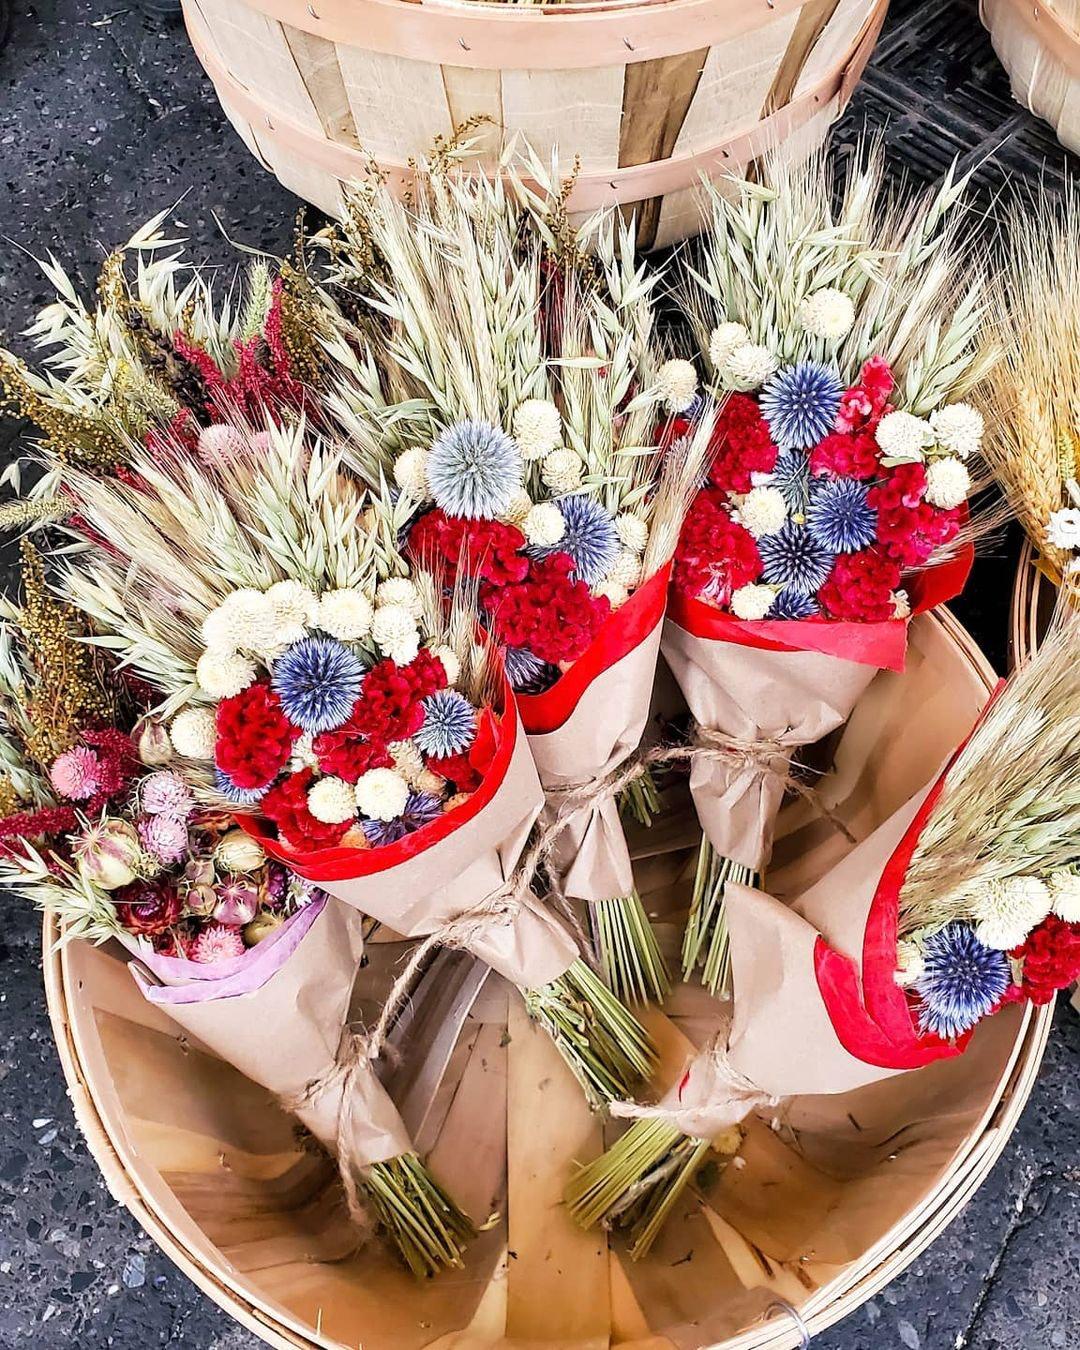 Dried flower arrangements in a wooden bucket